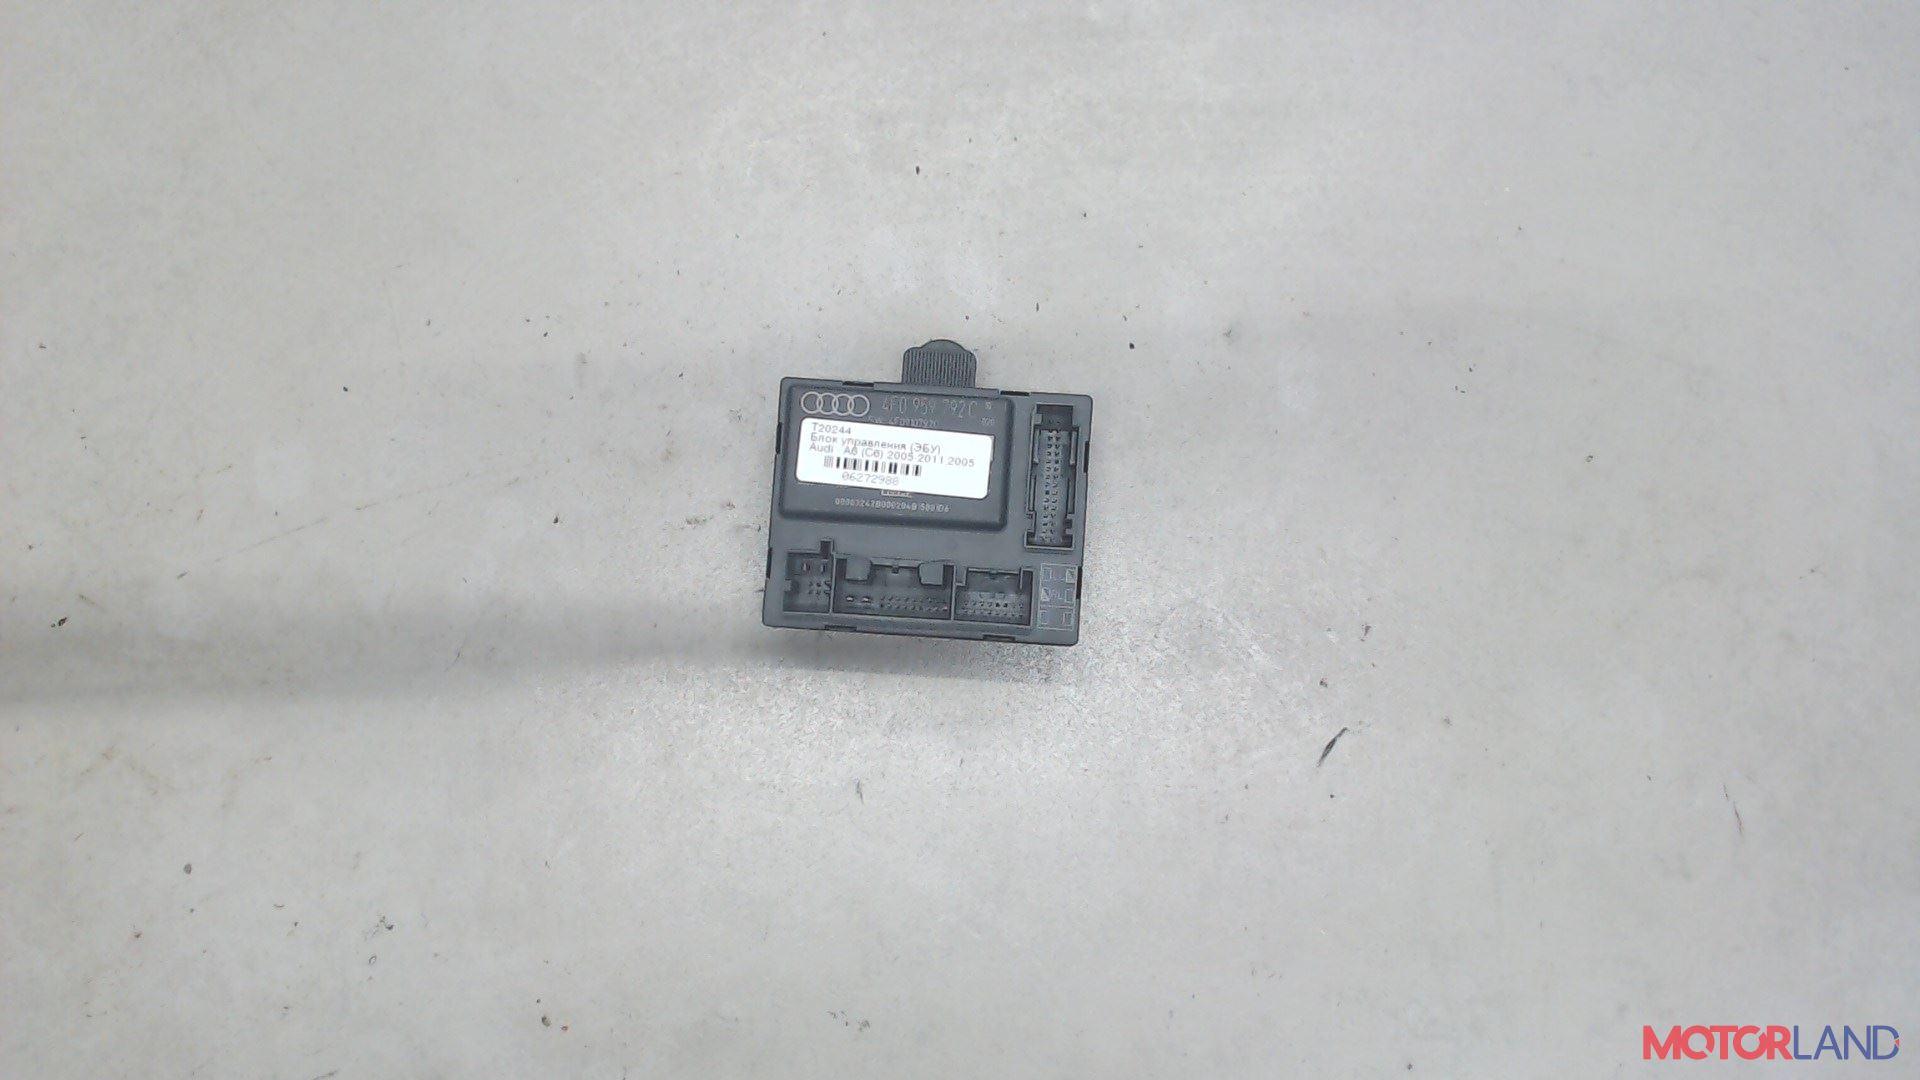 Блок управления (ЭБУ) Audi A6 (C6) 2005-2011 3 л. 2005 BMK б/у #1